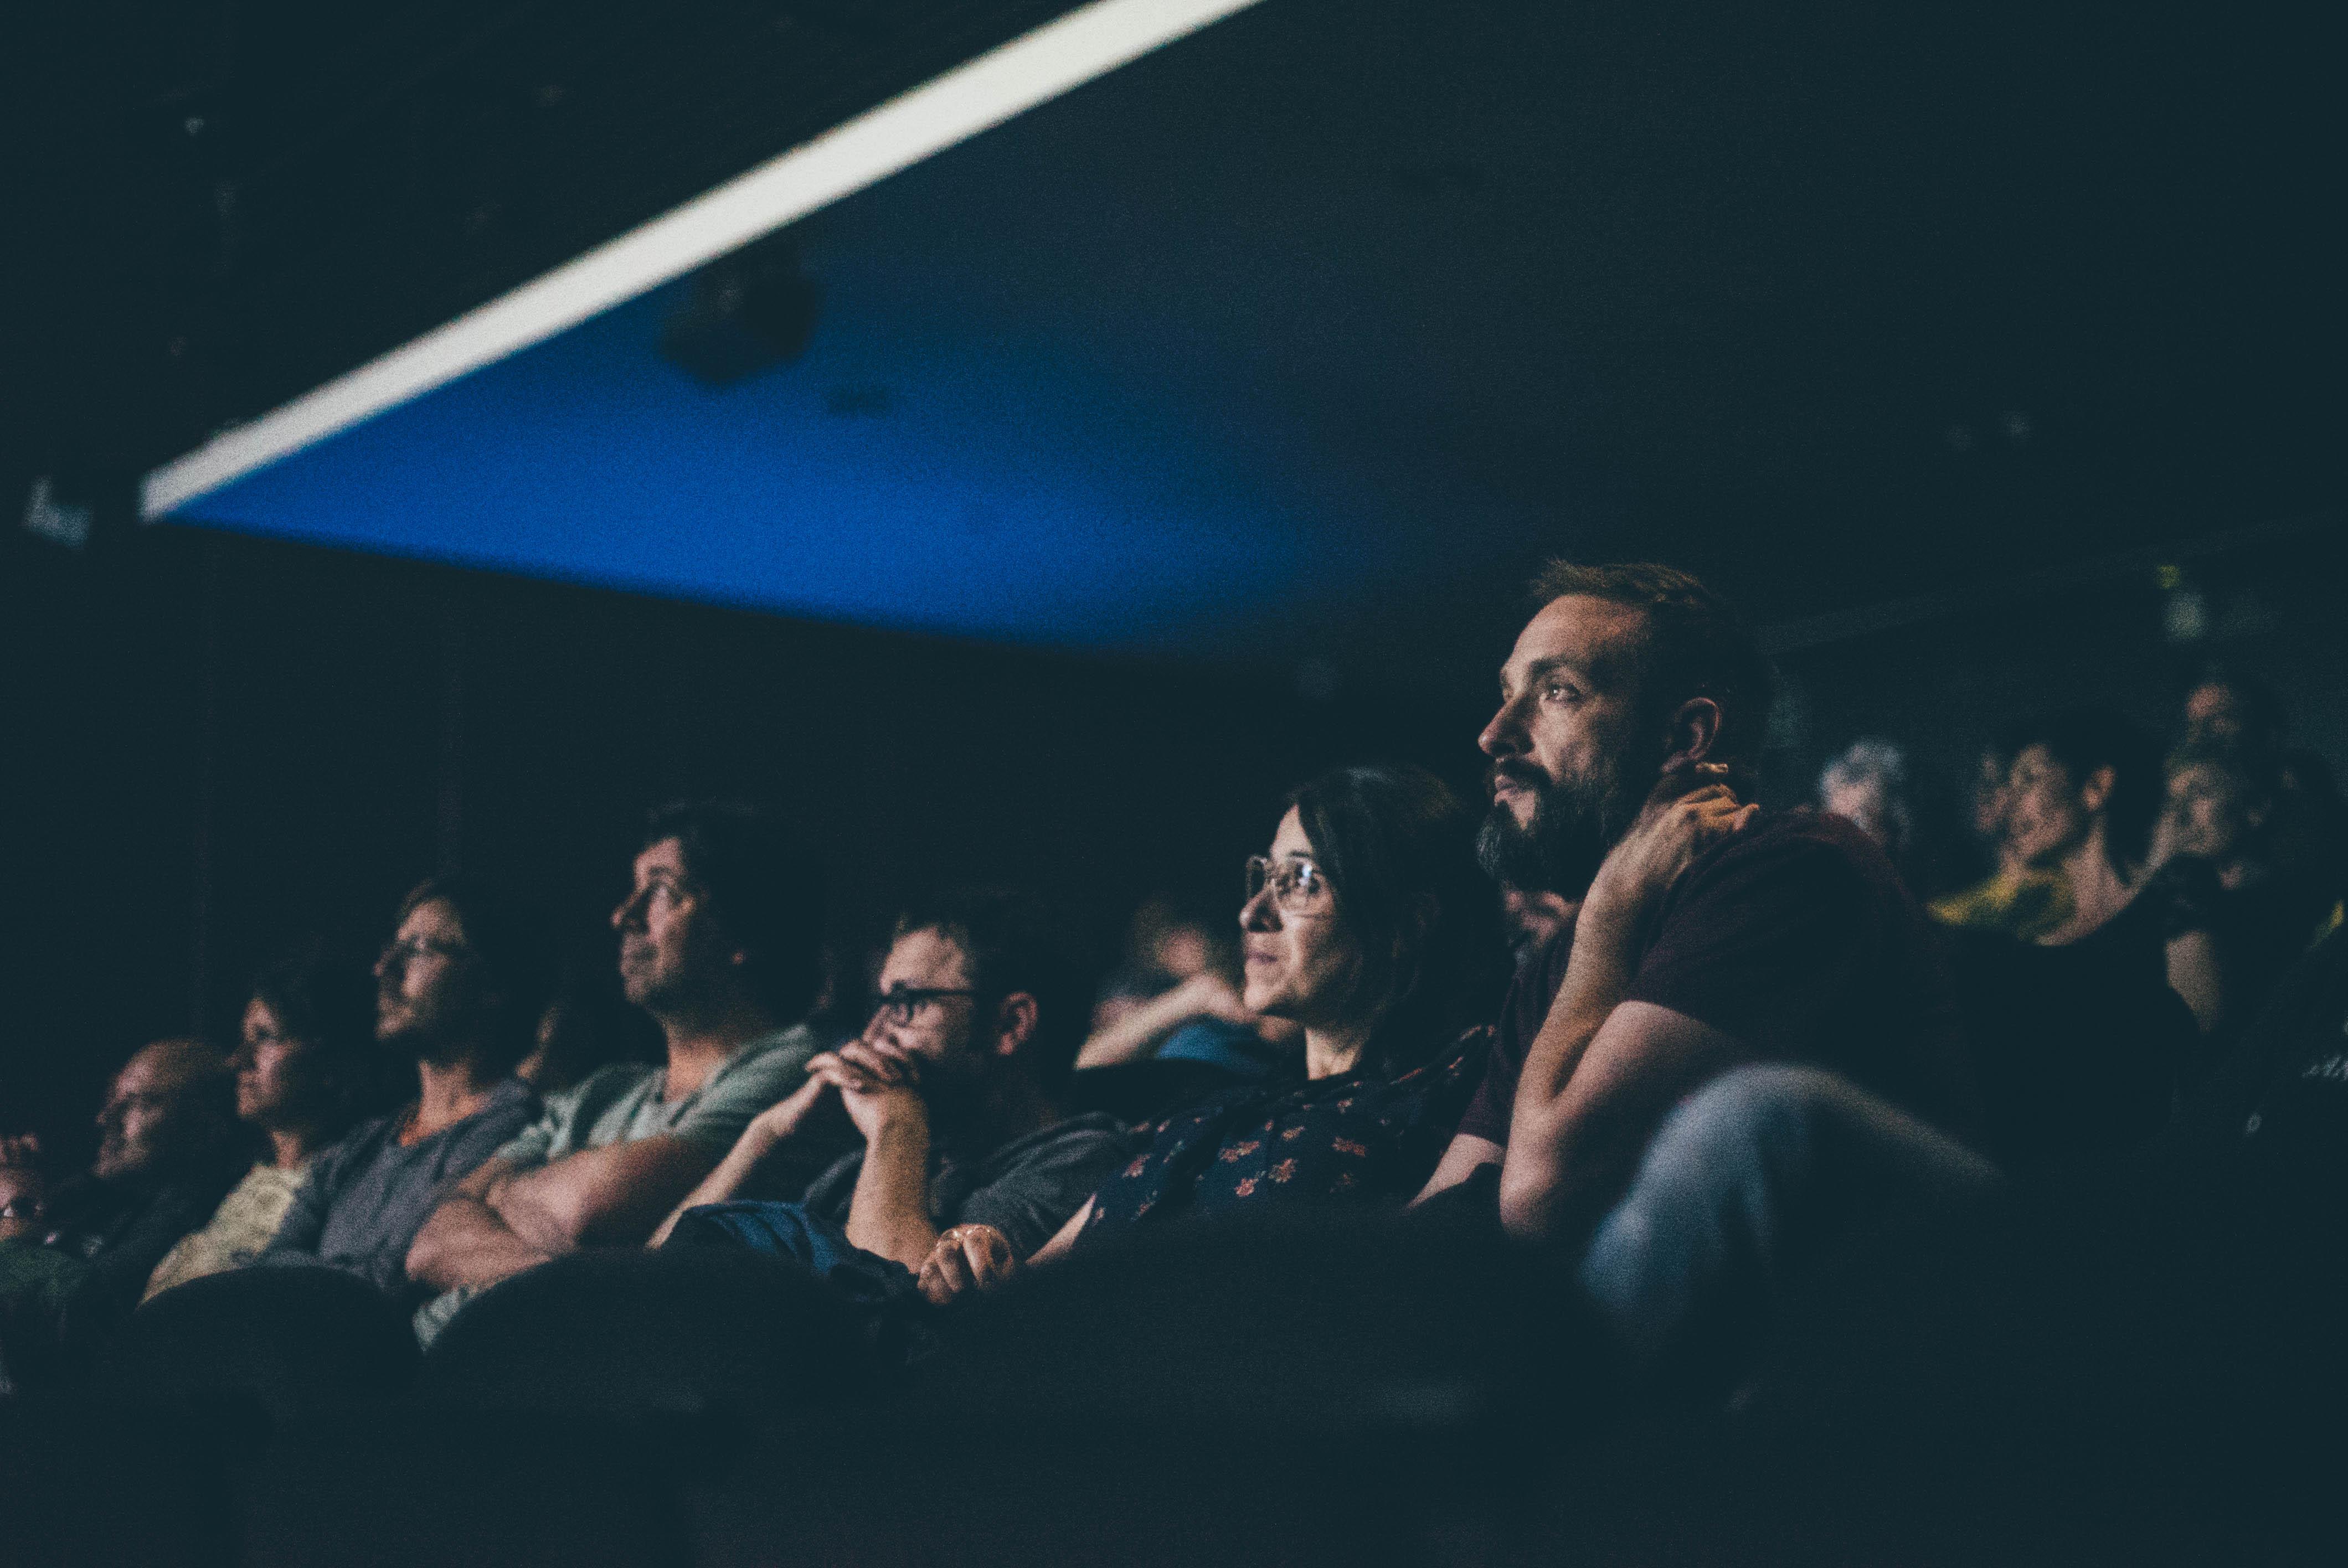 Público viendo un documental en el cine.